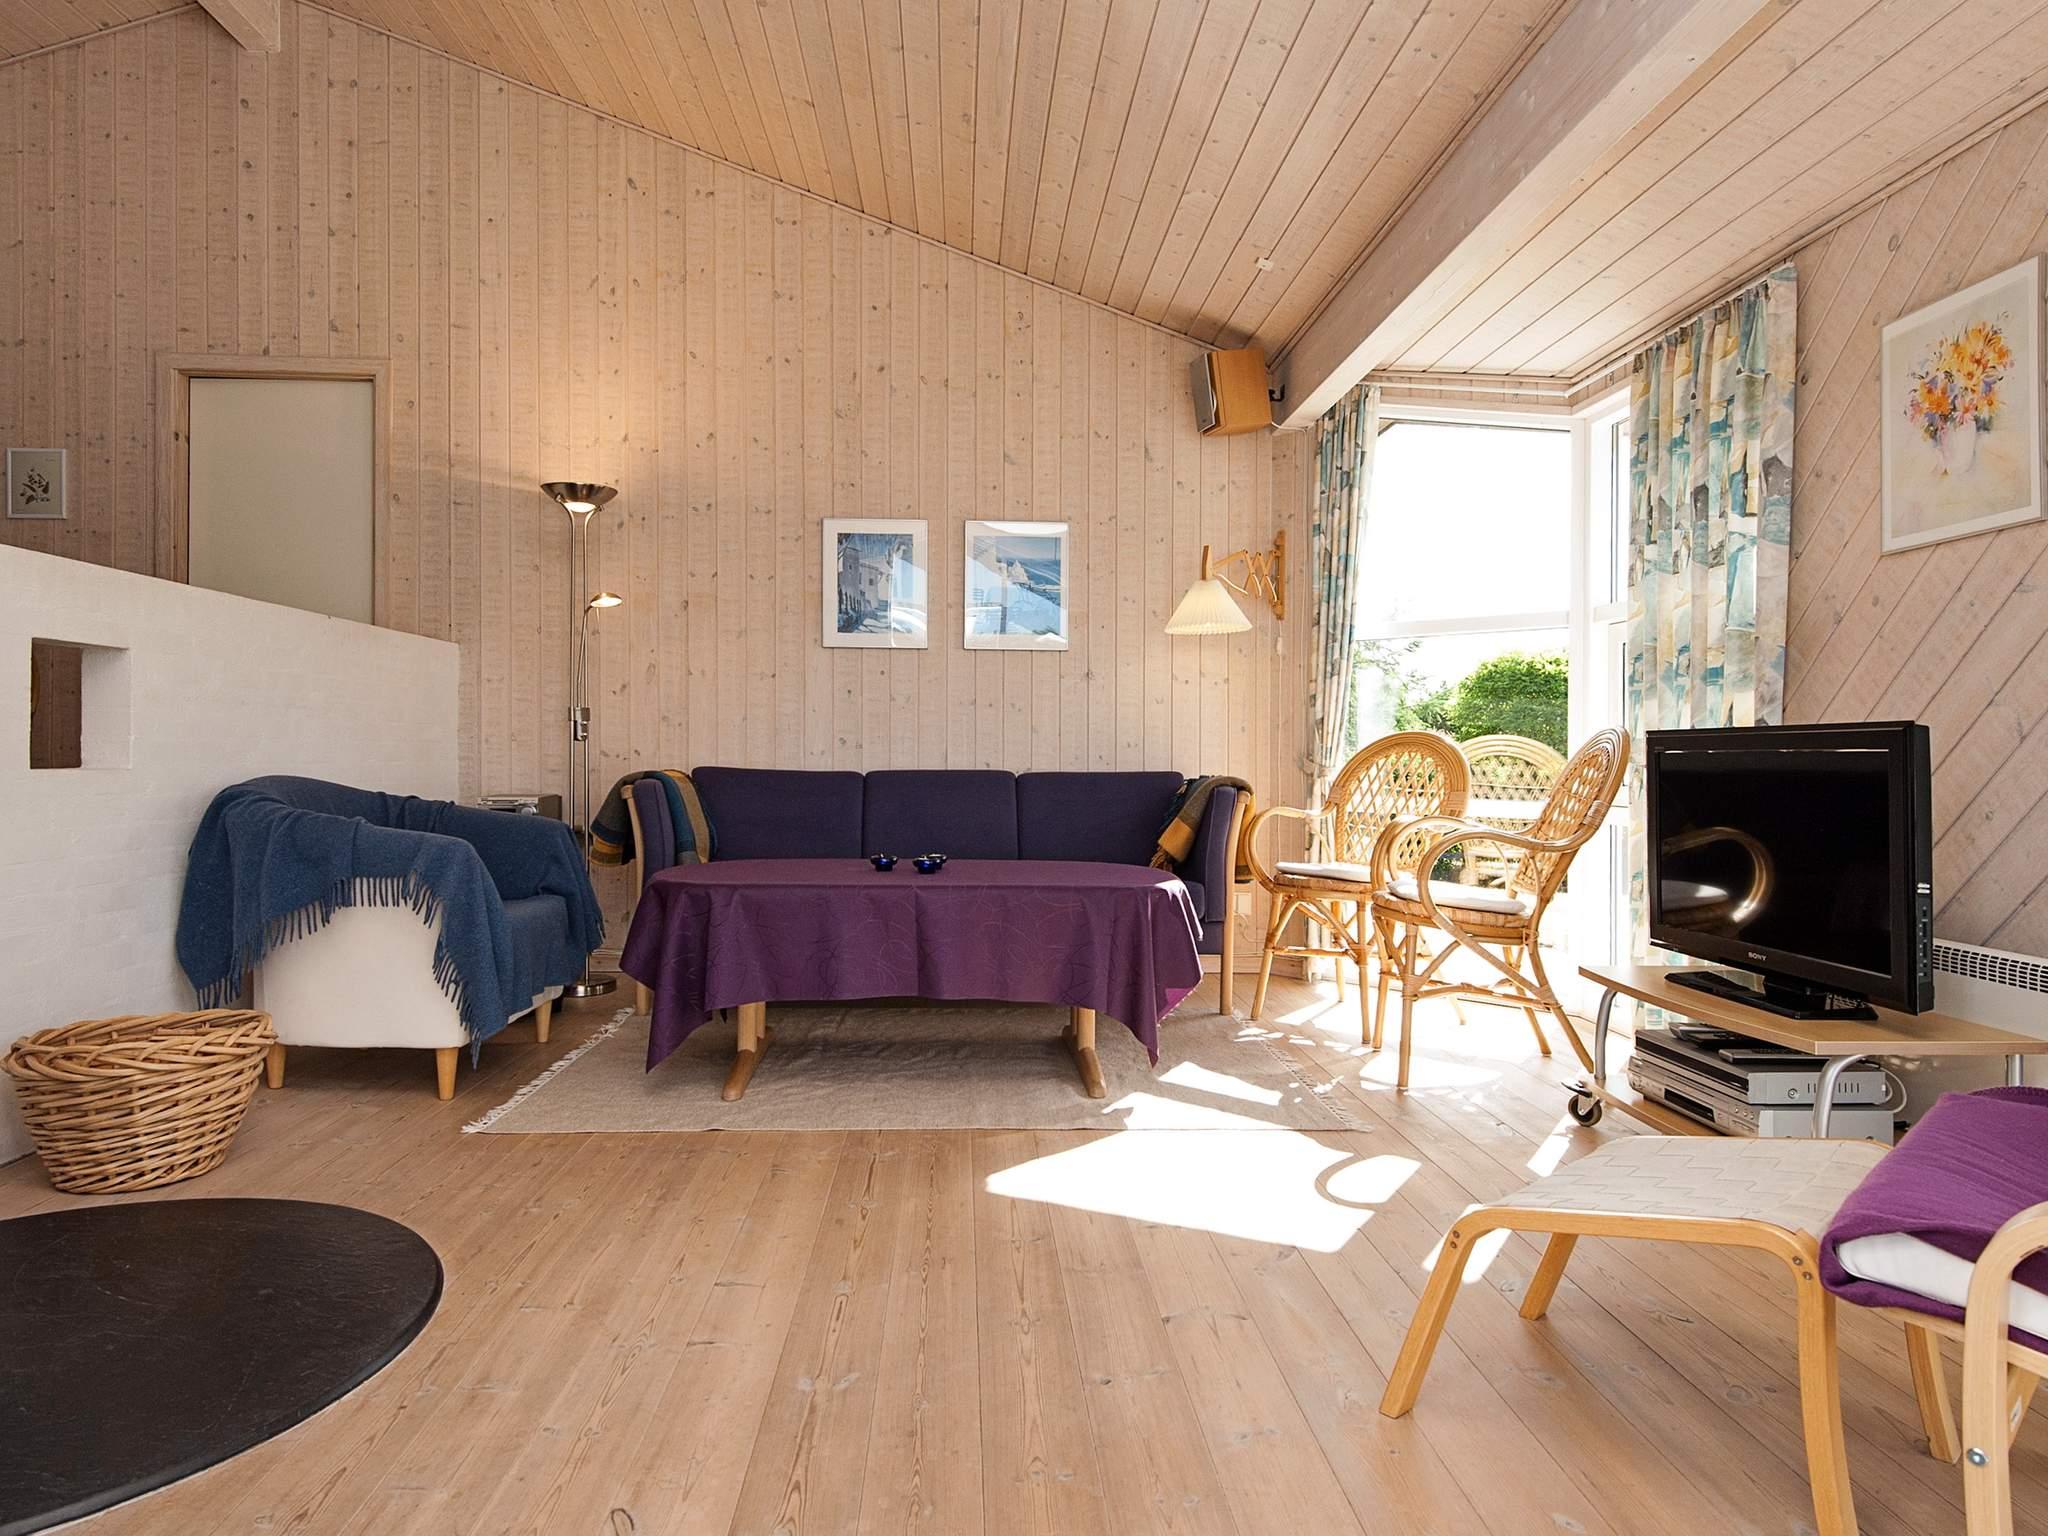 Ferienhaus Bønnerup Strand (125810), Bønnerup, , Ostjütland, Dänemark, Bild 2